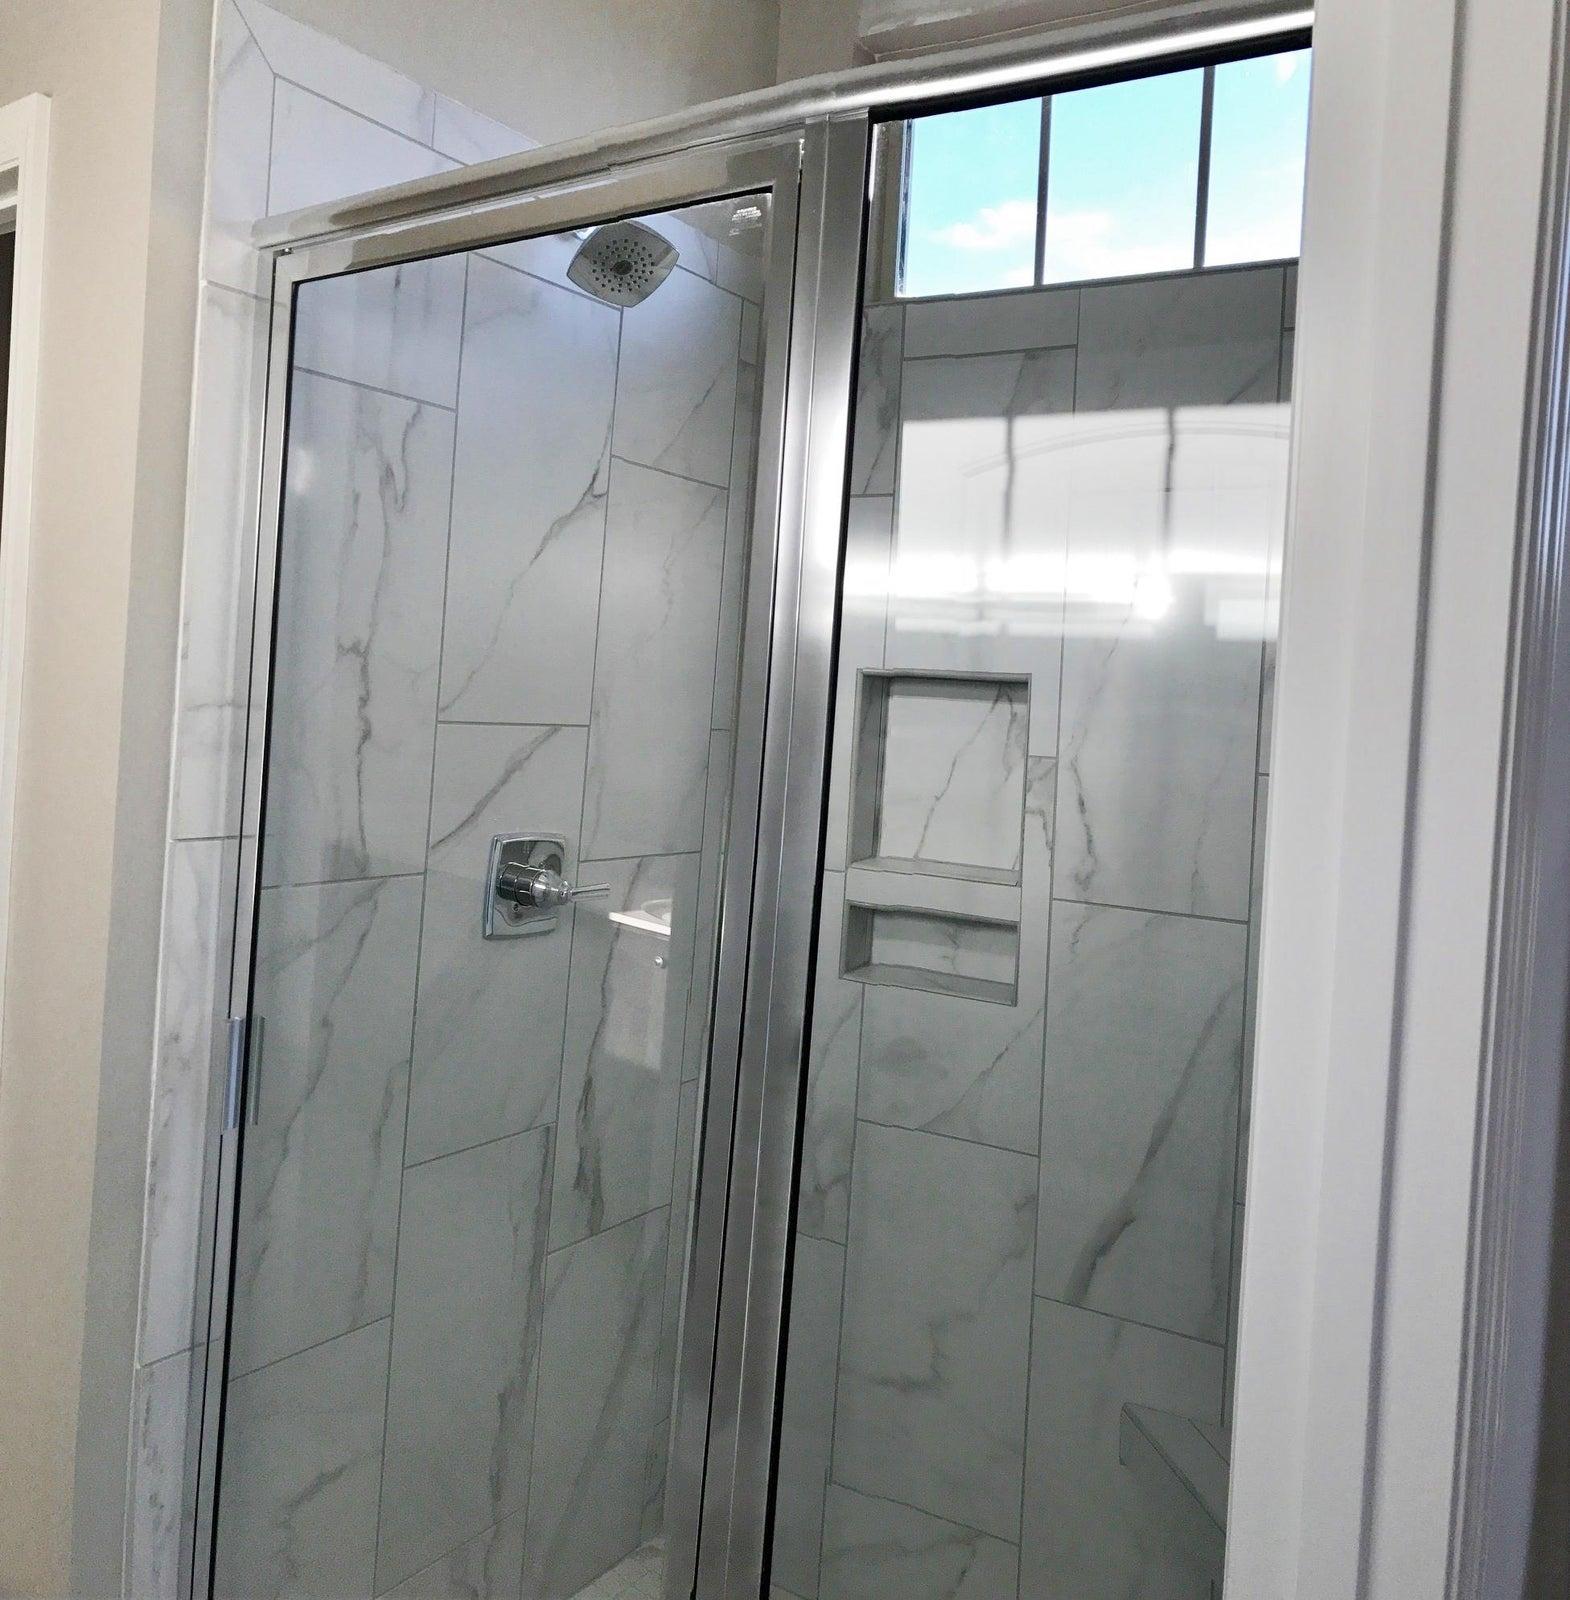 Tile shower in master bath